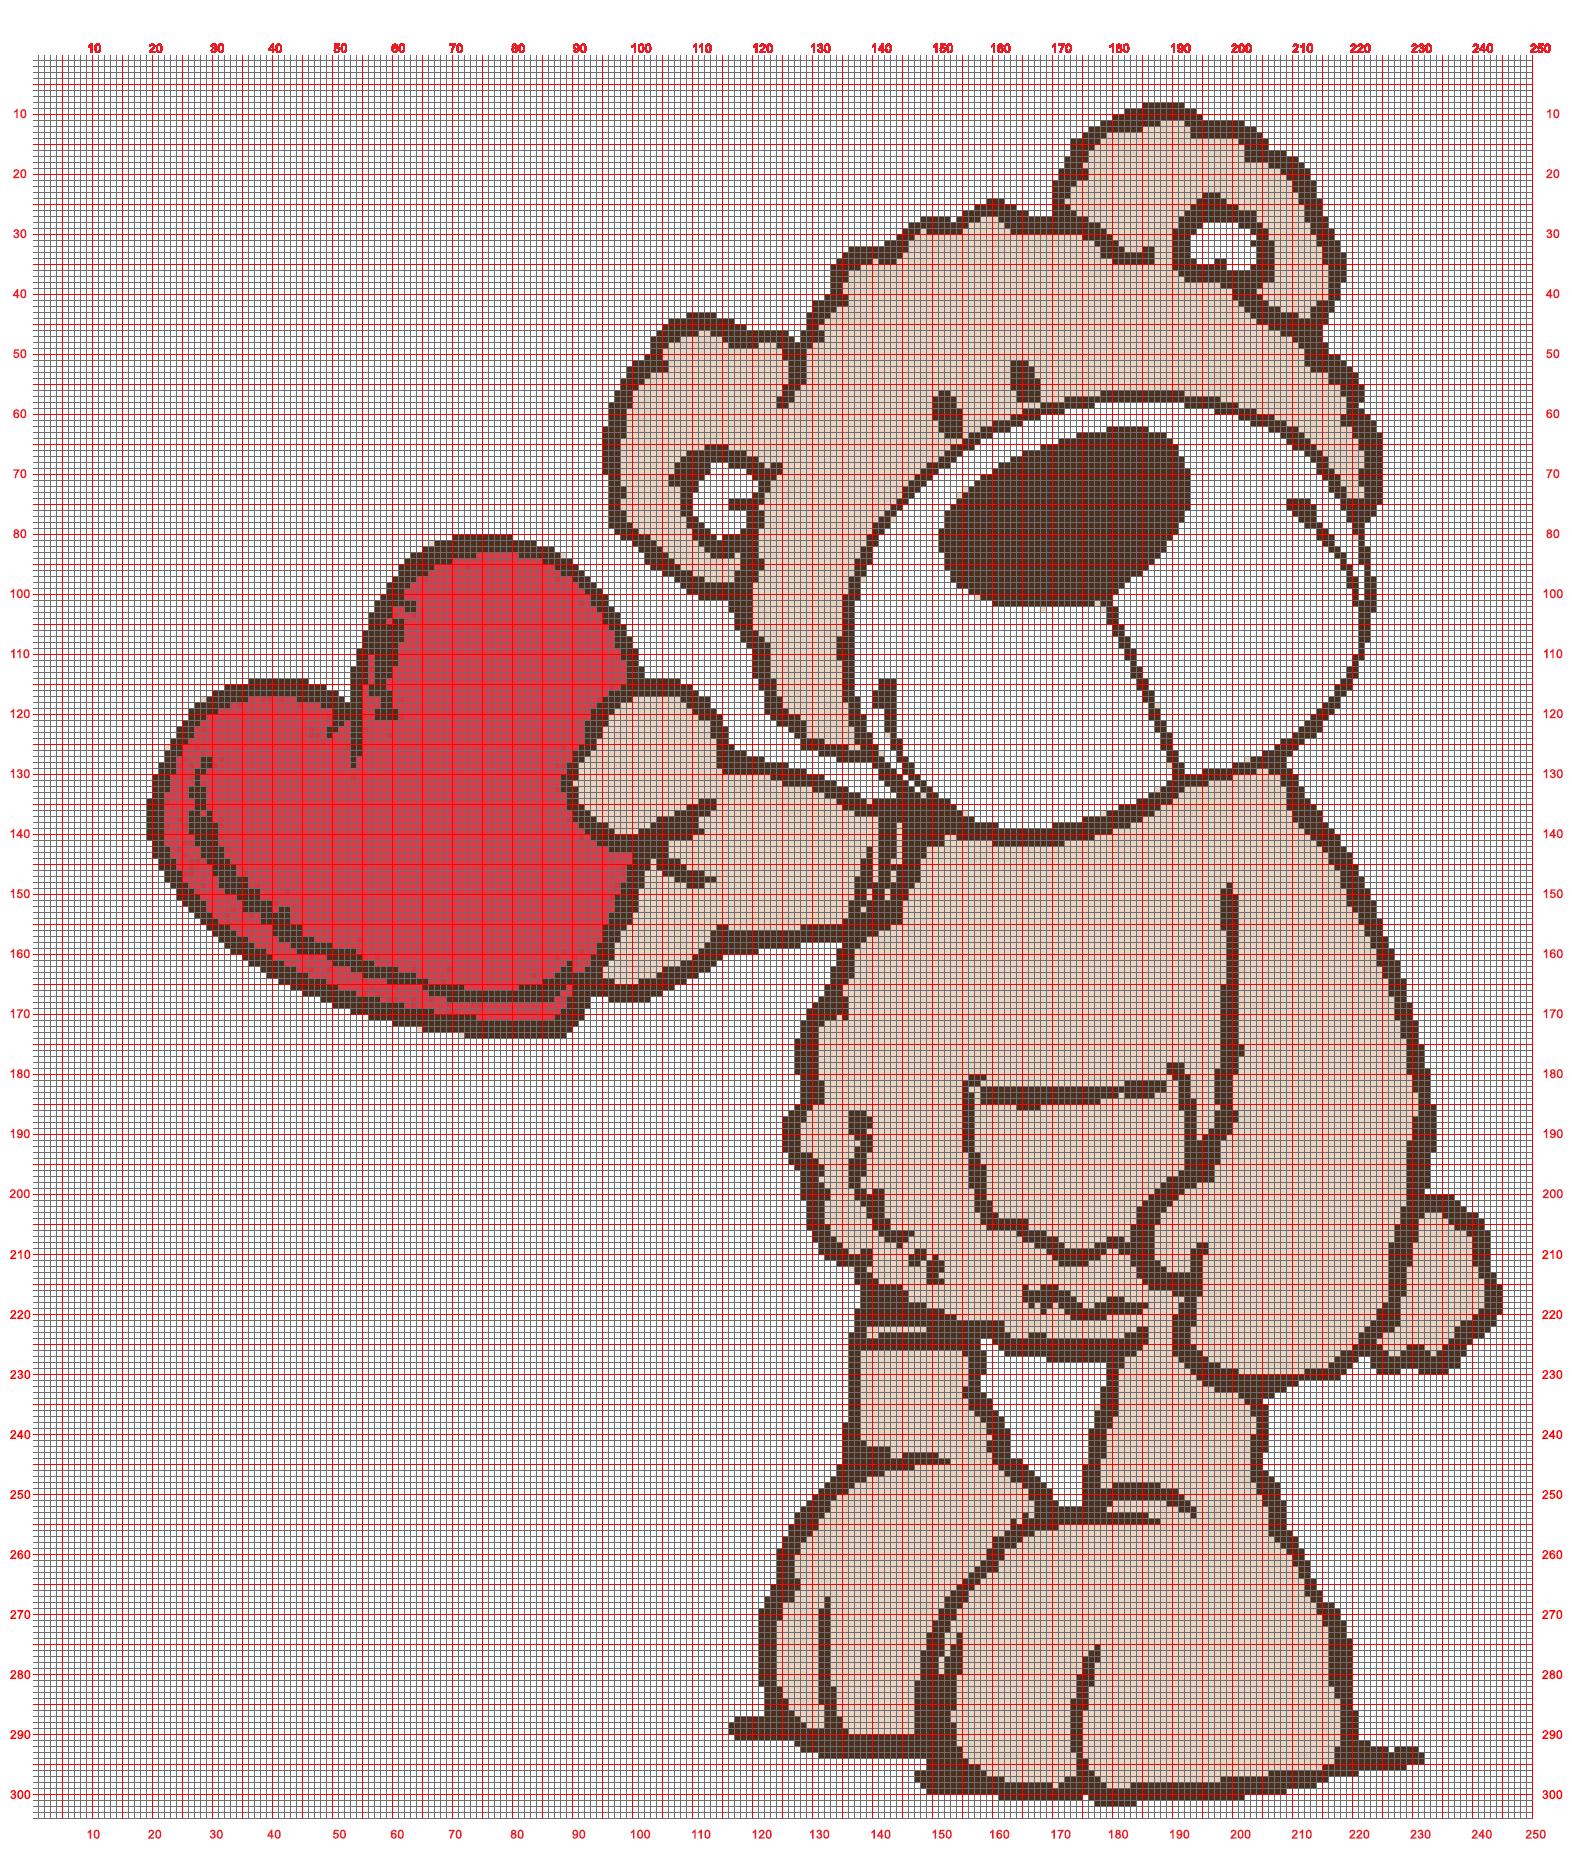 Teddy 250x304 Cross Stitch Patterns Cross Stitching Stitch Patterns